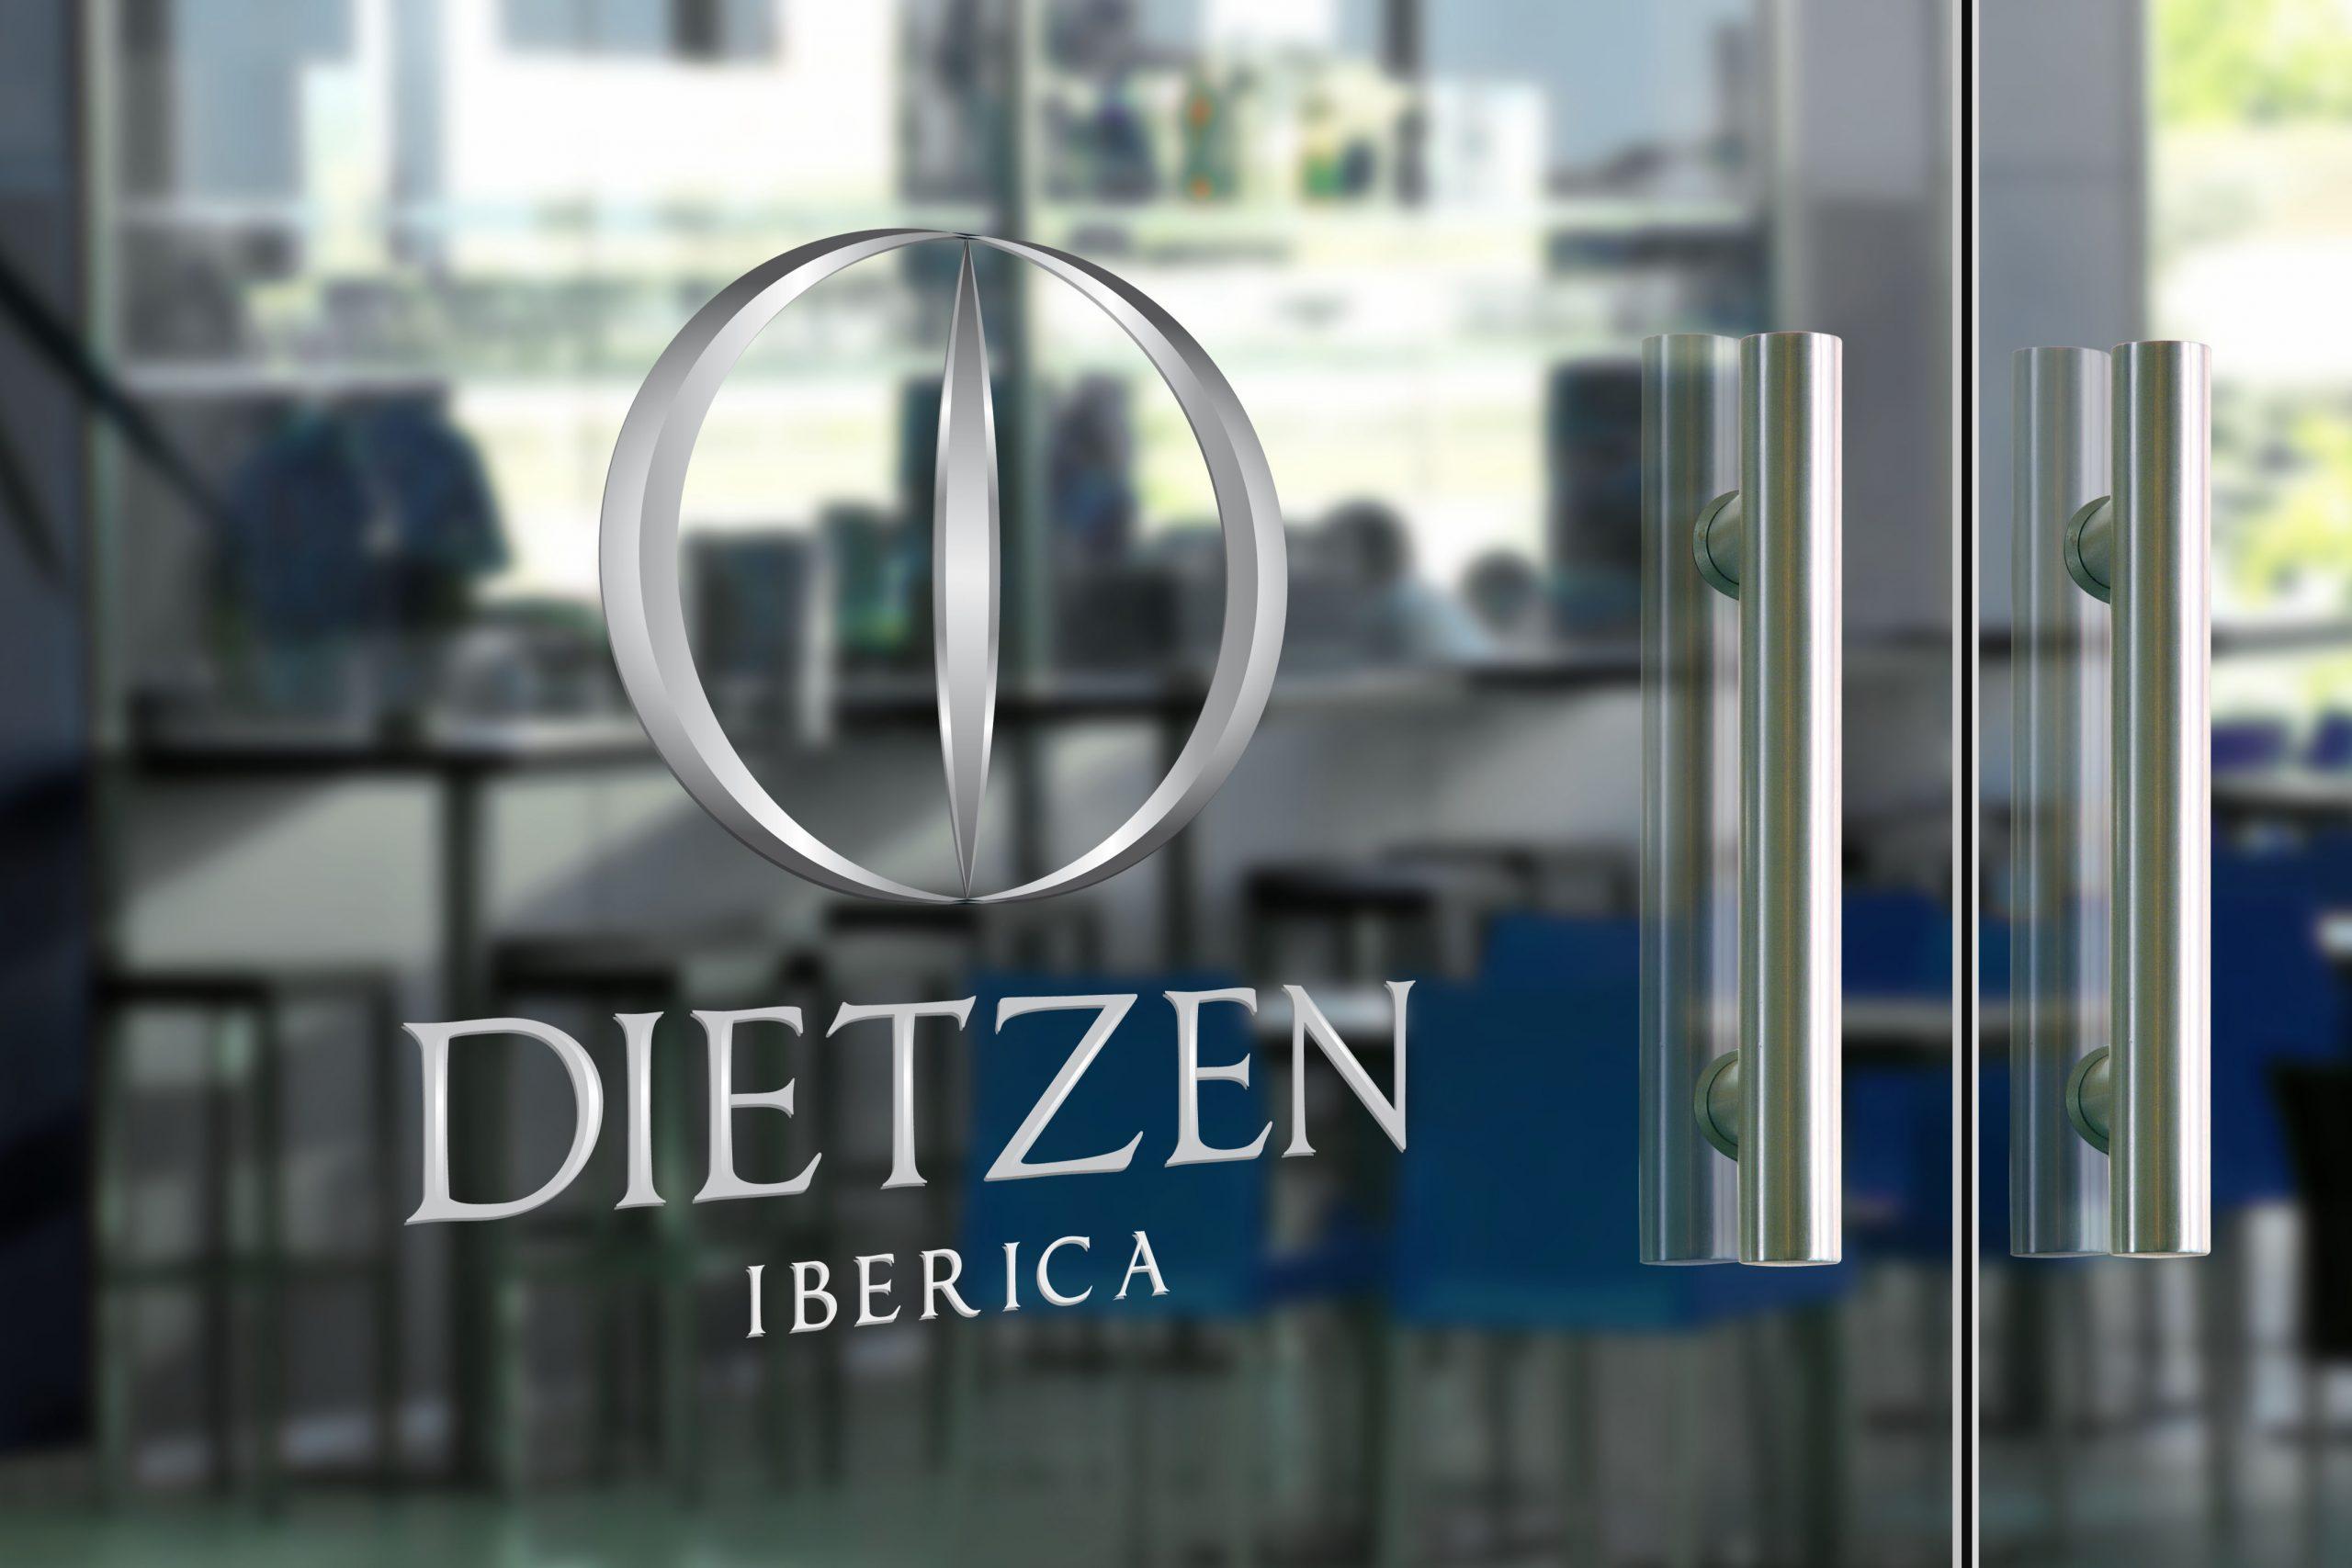 dietzen_cristal